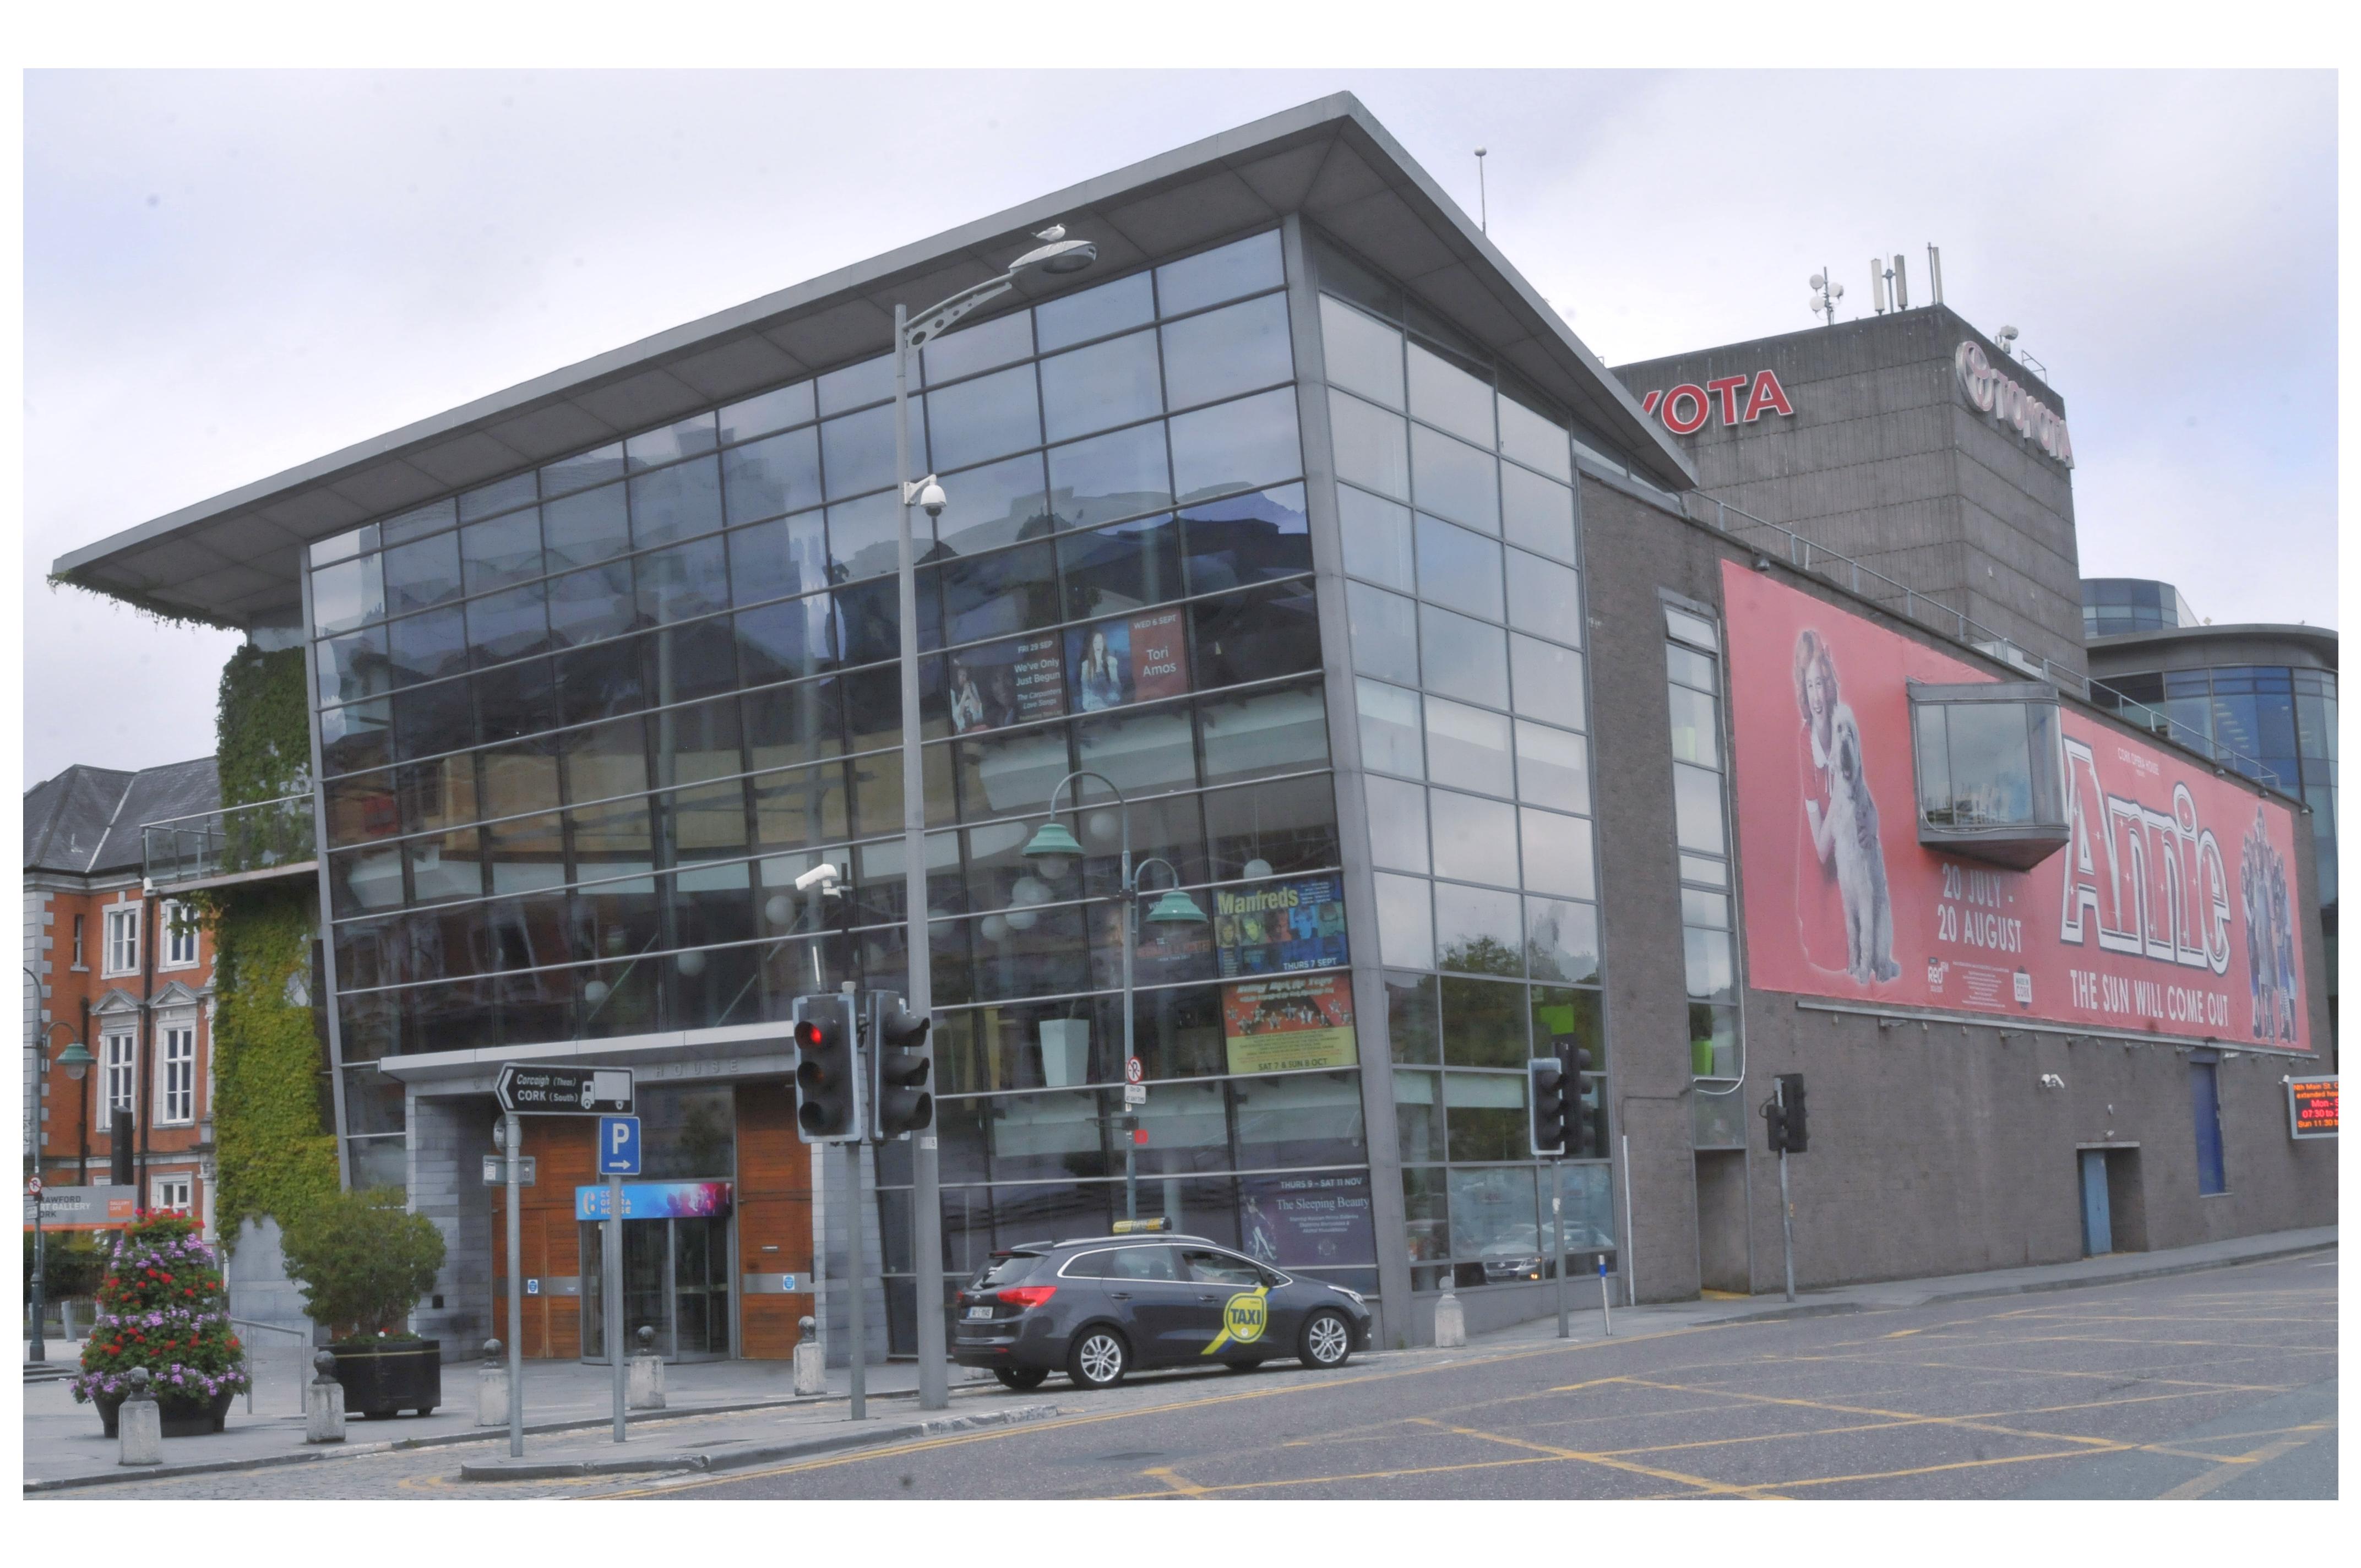 Cork Opera House Wikipedia